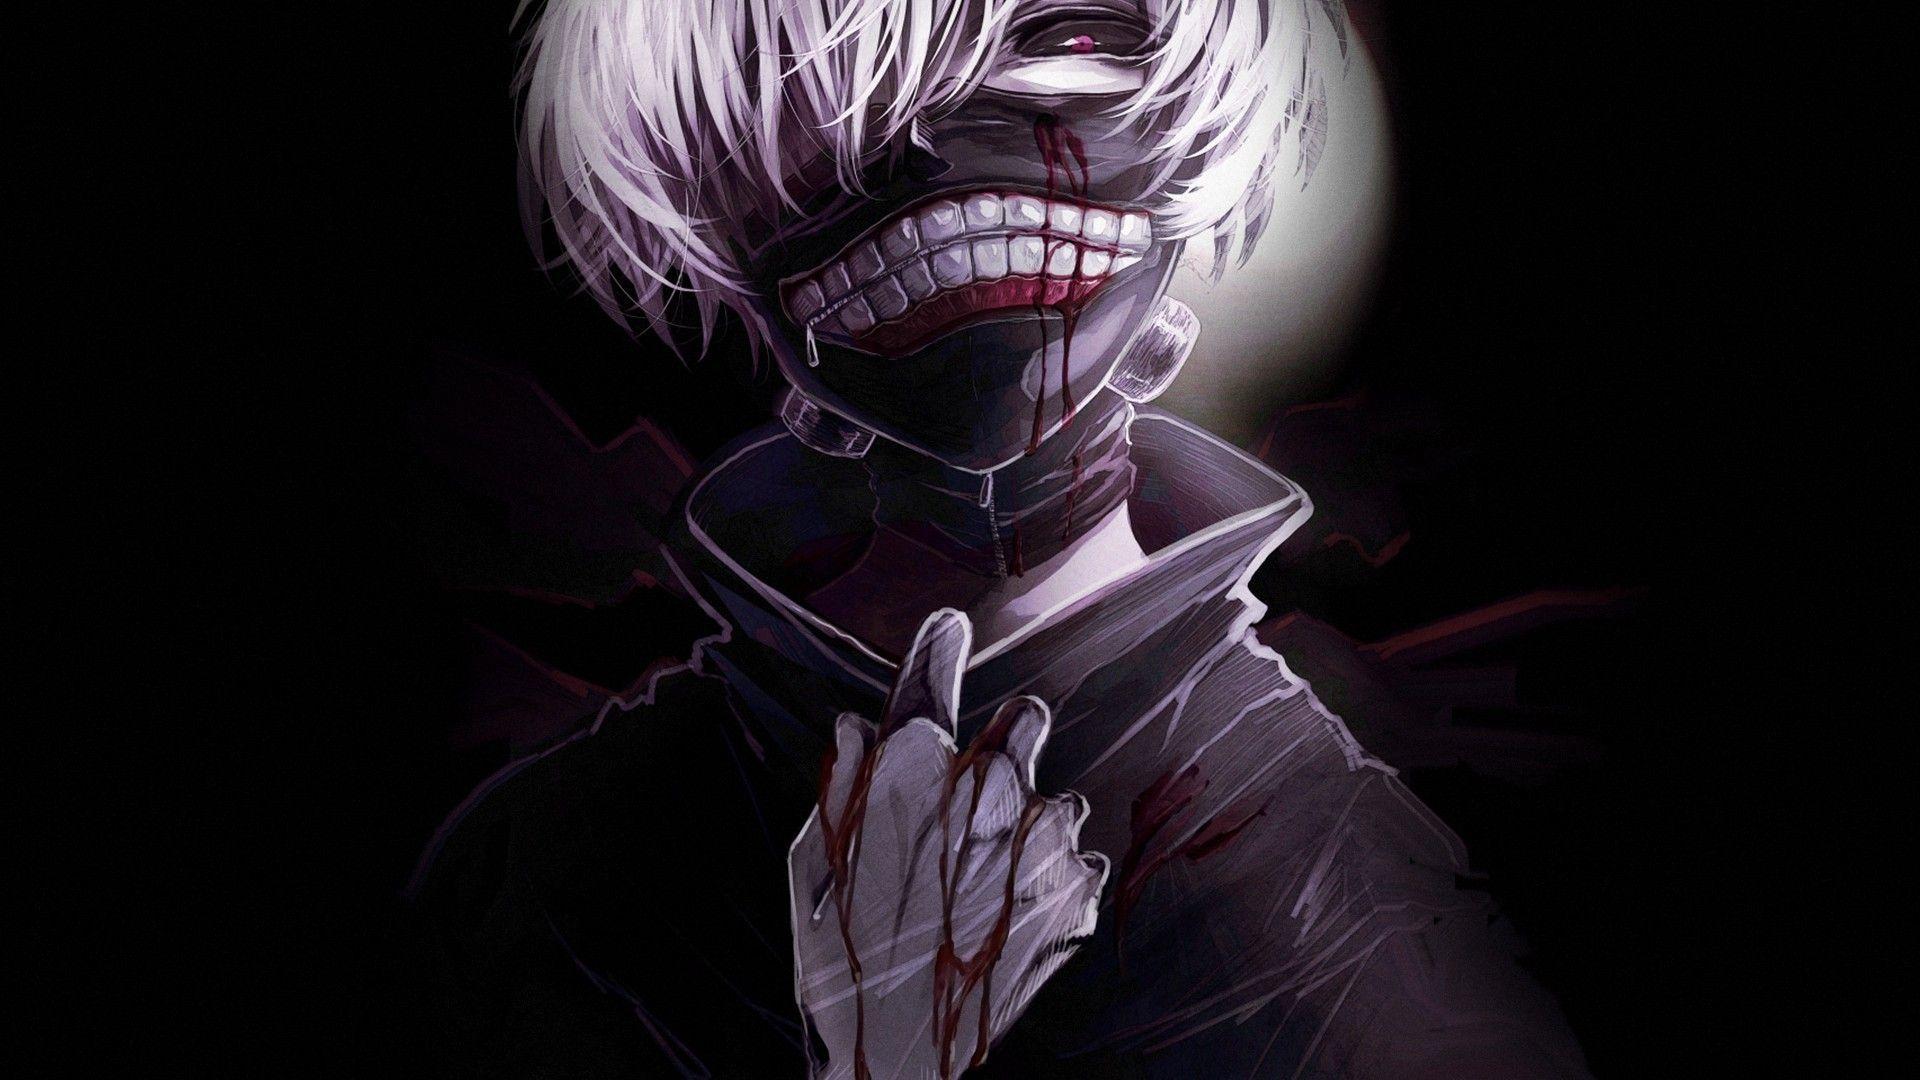 Tokyo Ghoul Blood Wallpapers Top Free Tokyo Ghoul Blood